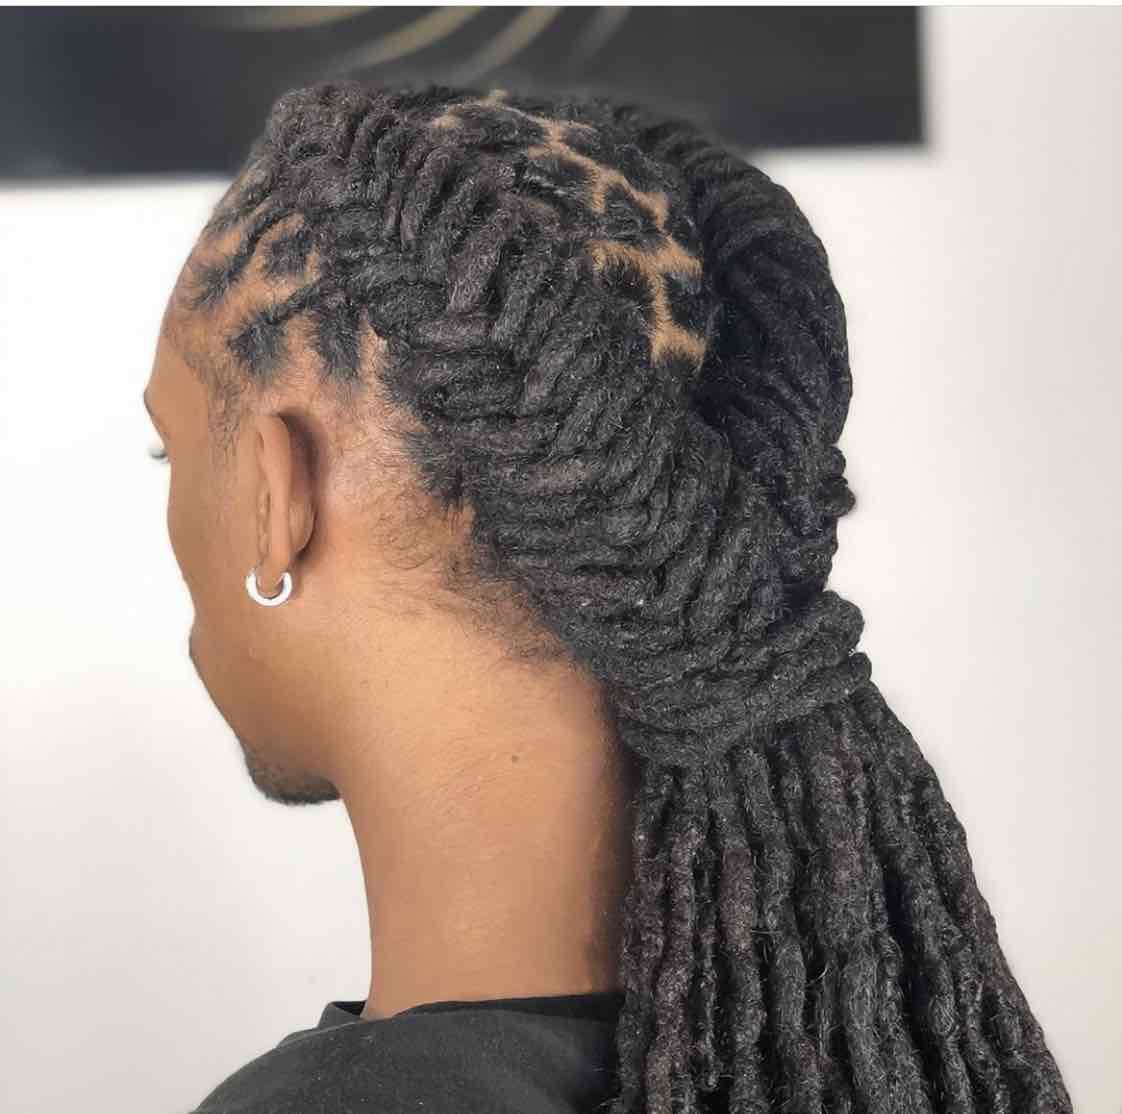 salon de coiffure afro tresse tresses box braids crochet braids vanilles tissages paris 75 77 78 91 92 93 94 95 ATYAOBTR